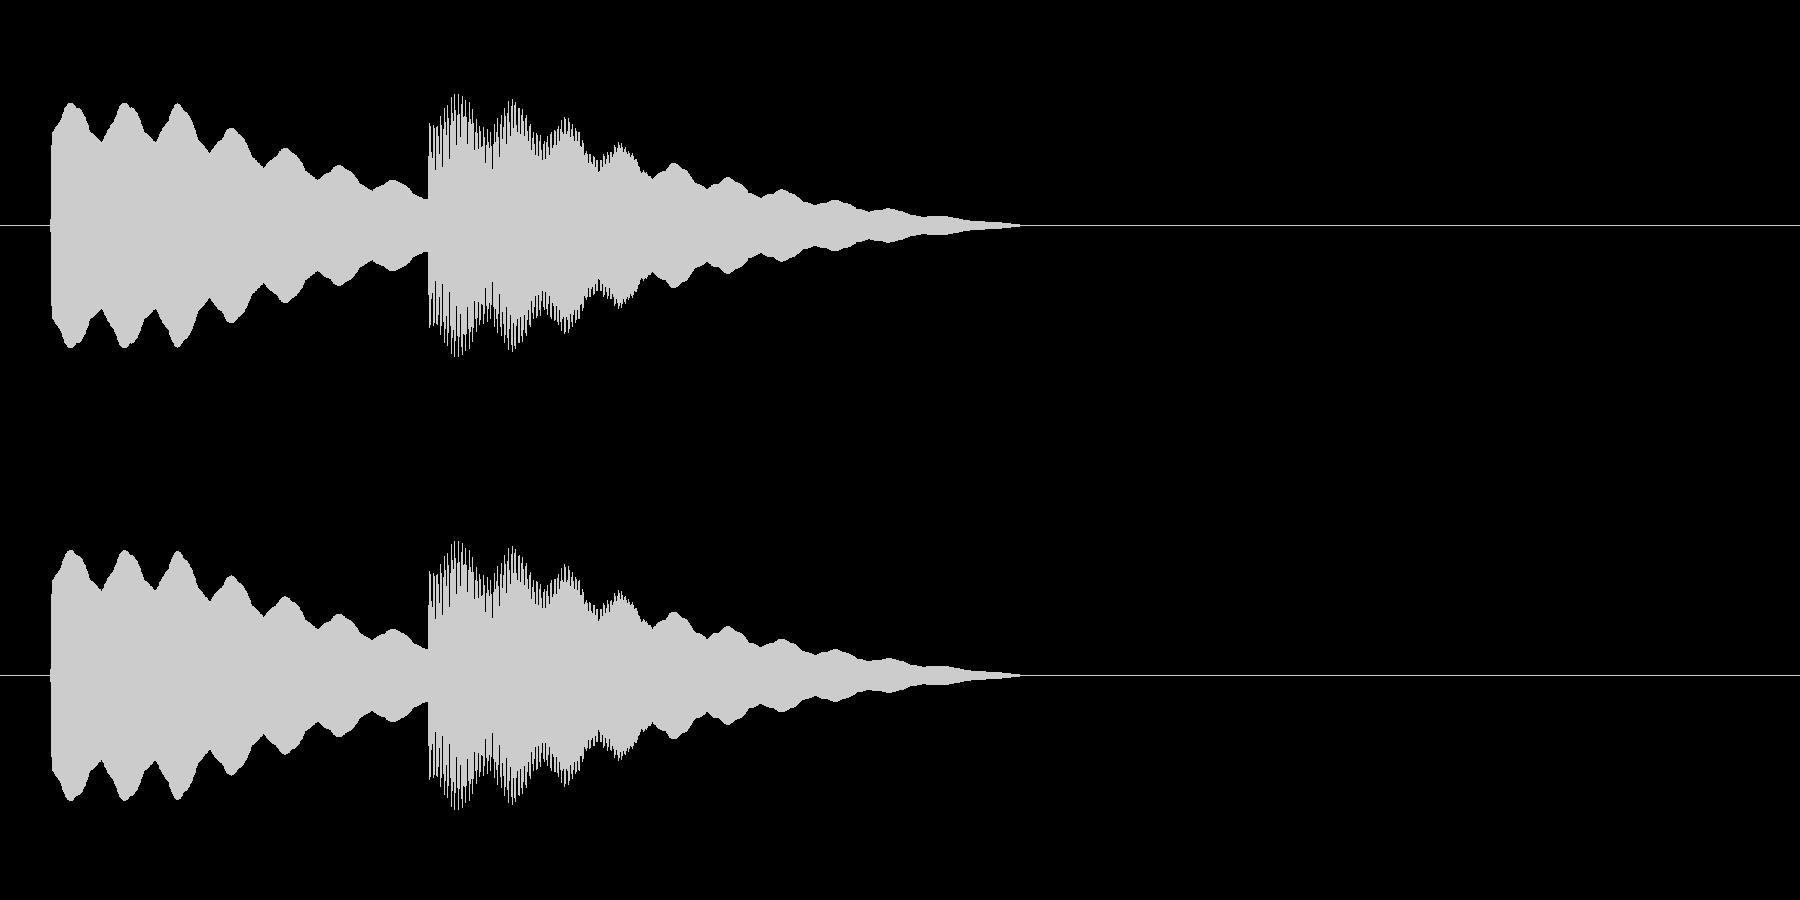 【ドアベル ピンポン01-1】の未再生の波形